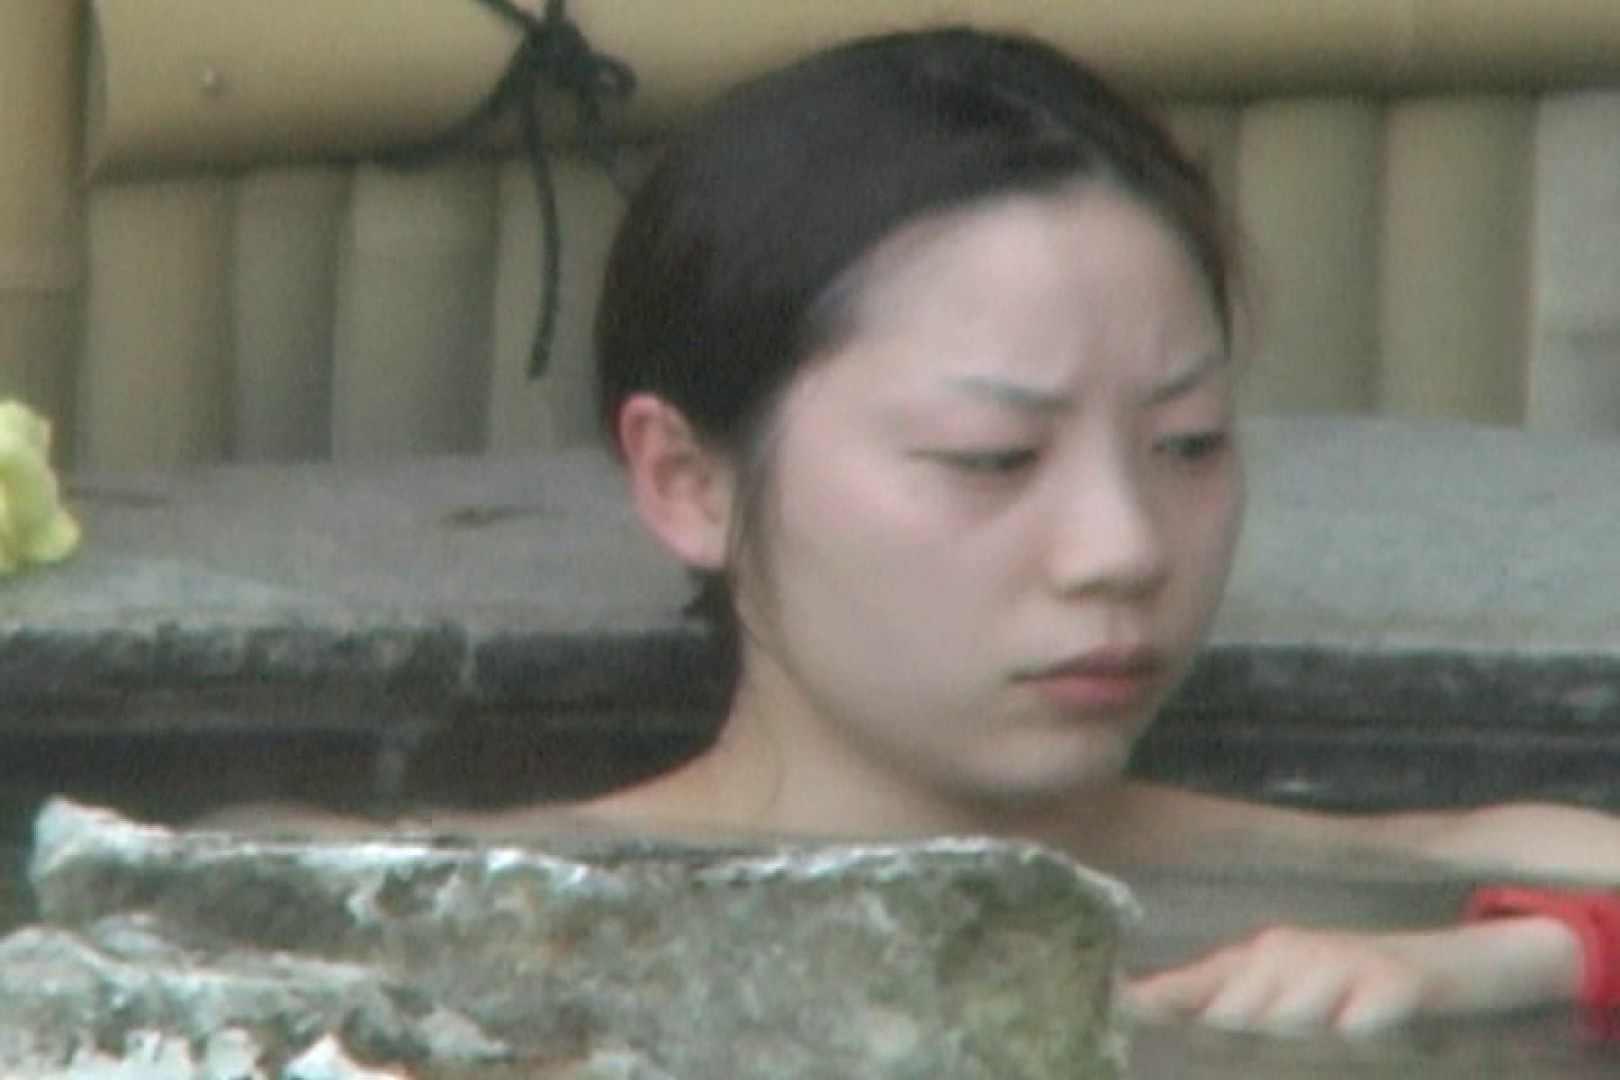 Aquaな露天風呂Vol.596 盗撮シリーズ  113PIX 18